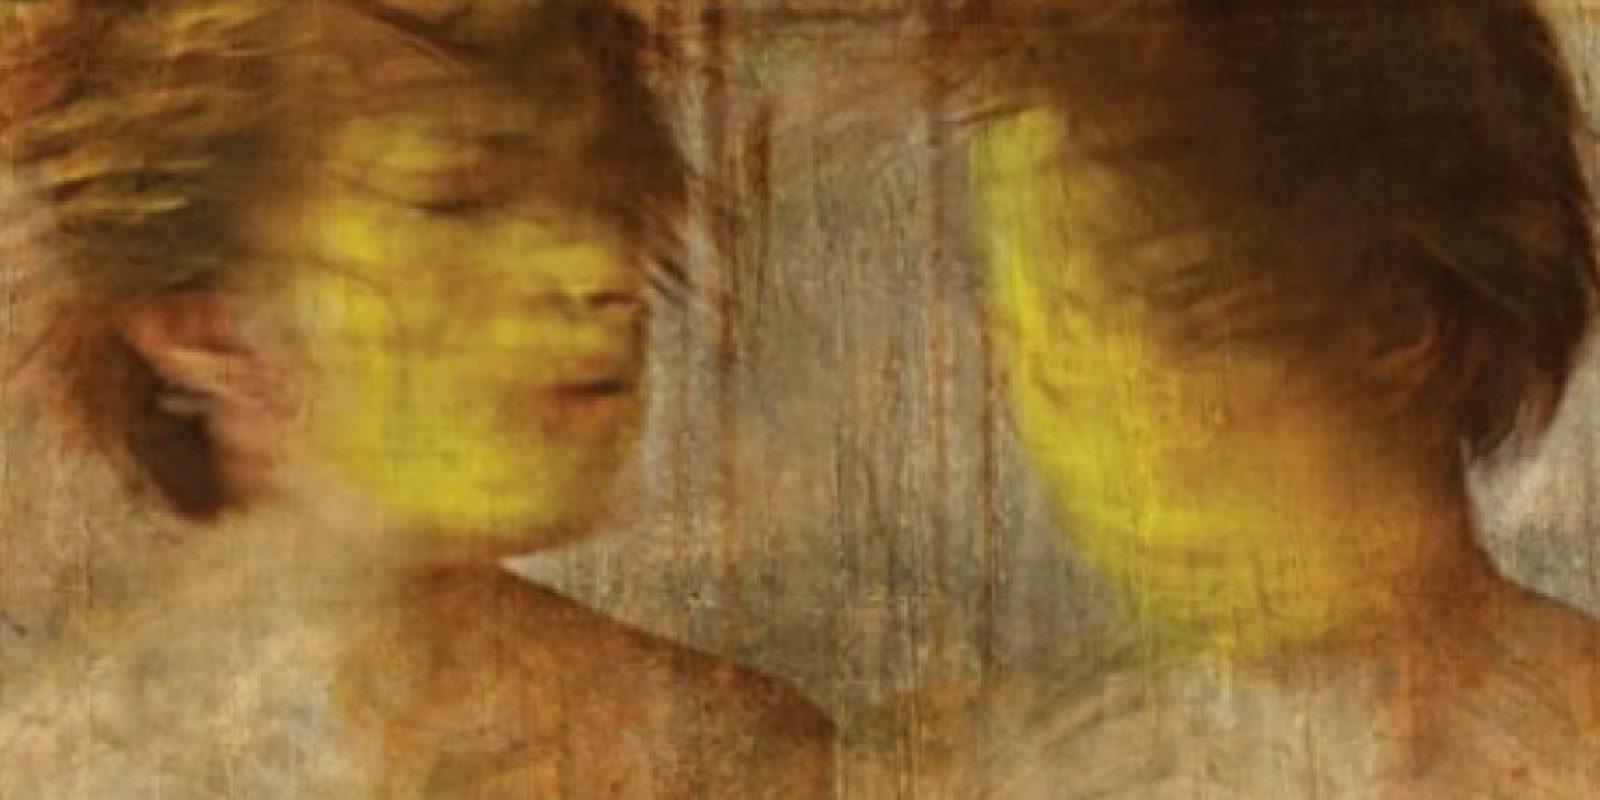 La artista les añade a sus fotografías algunos elementos orgánicos como resina, té y café, entre otros